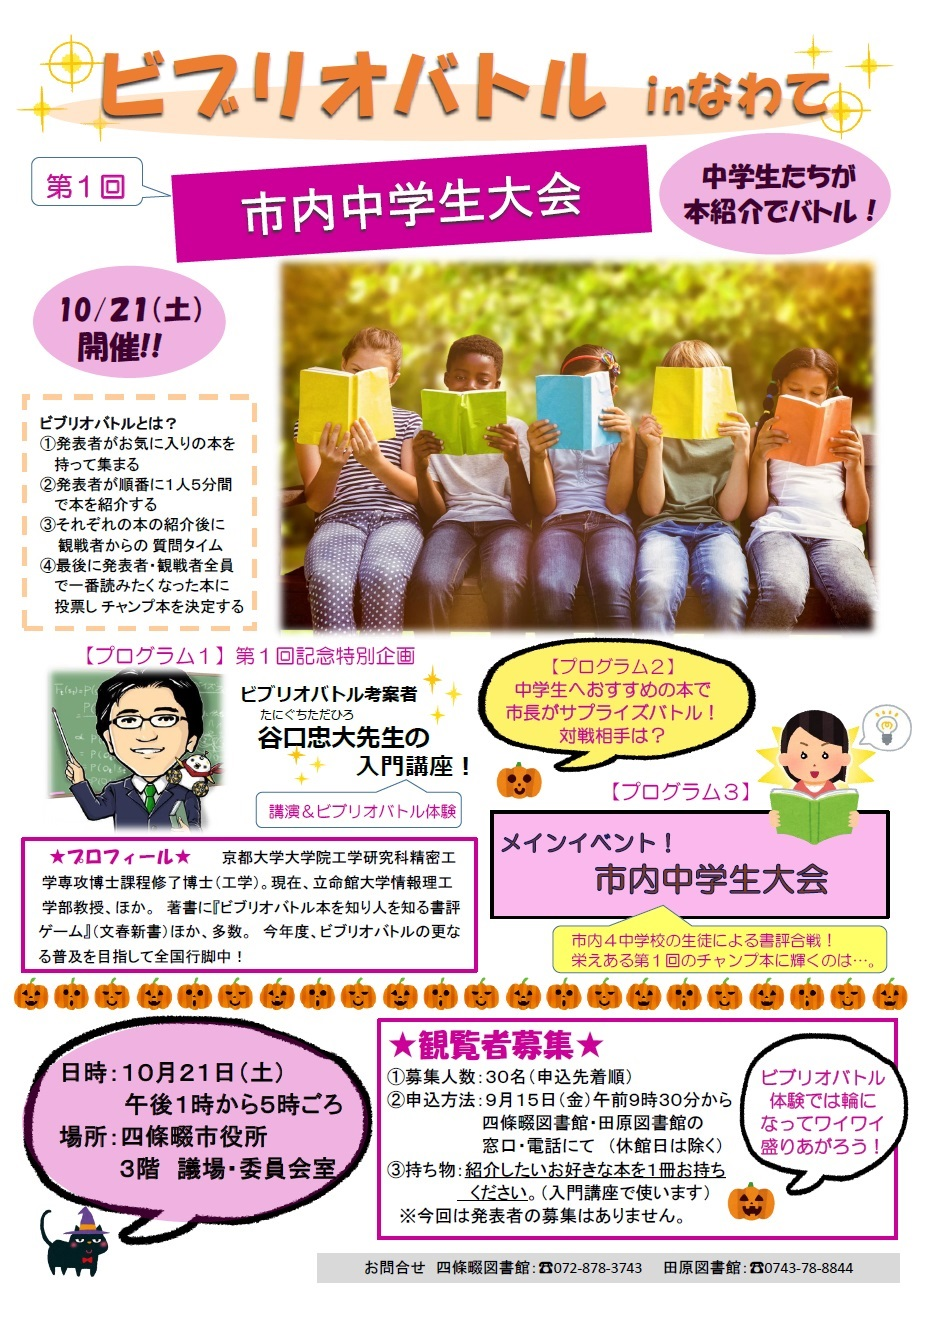 http://bibliobattle.sakura.ne.jp/img/osakanawate